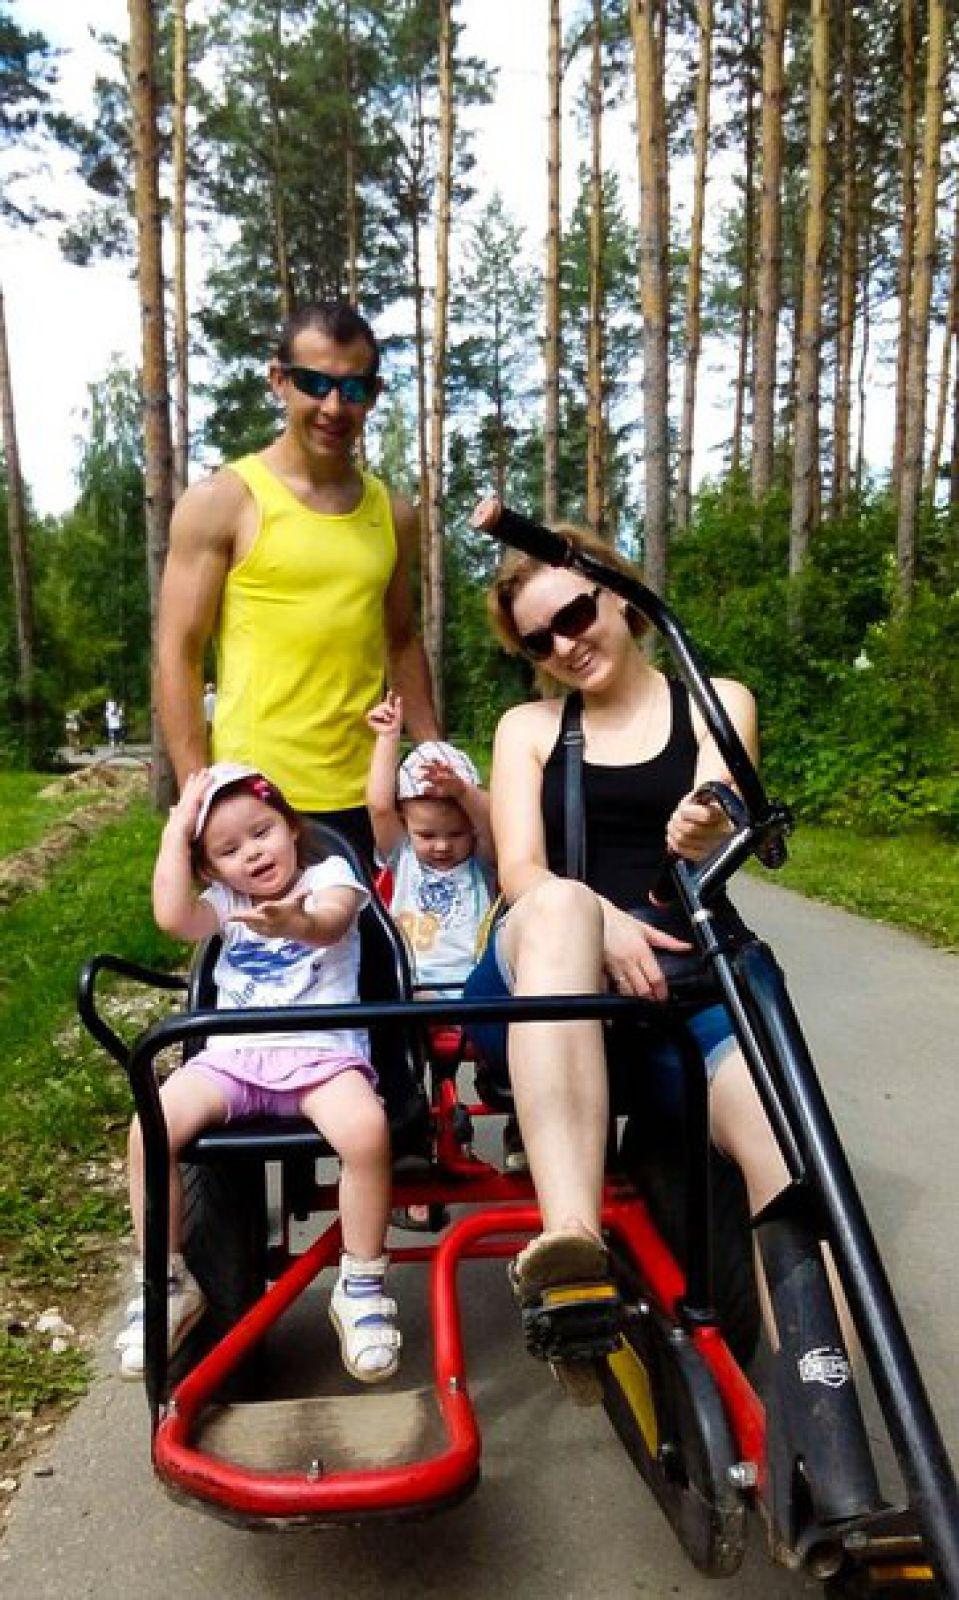 Марина Новикова - 1 место от  Тupperware  в конкурсе «Радость в движении».